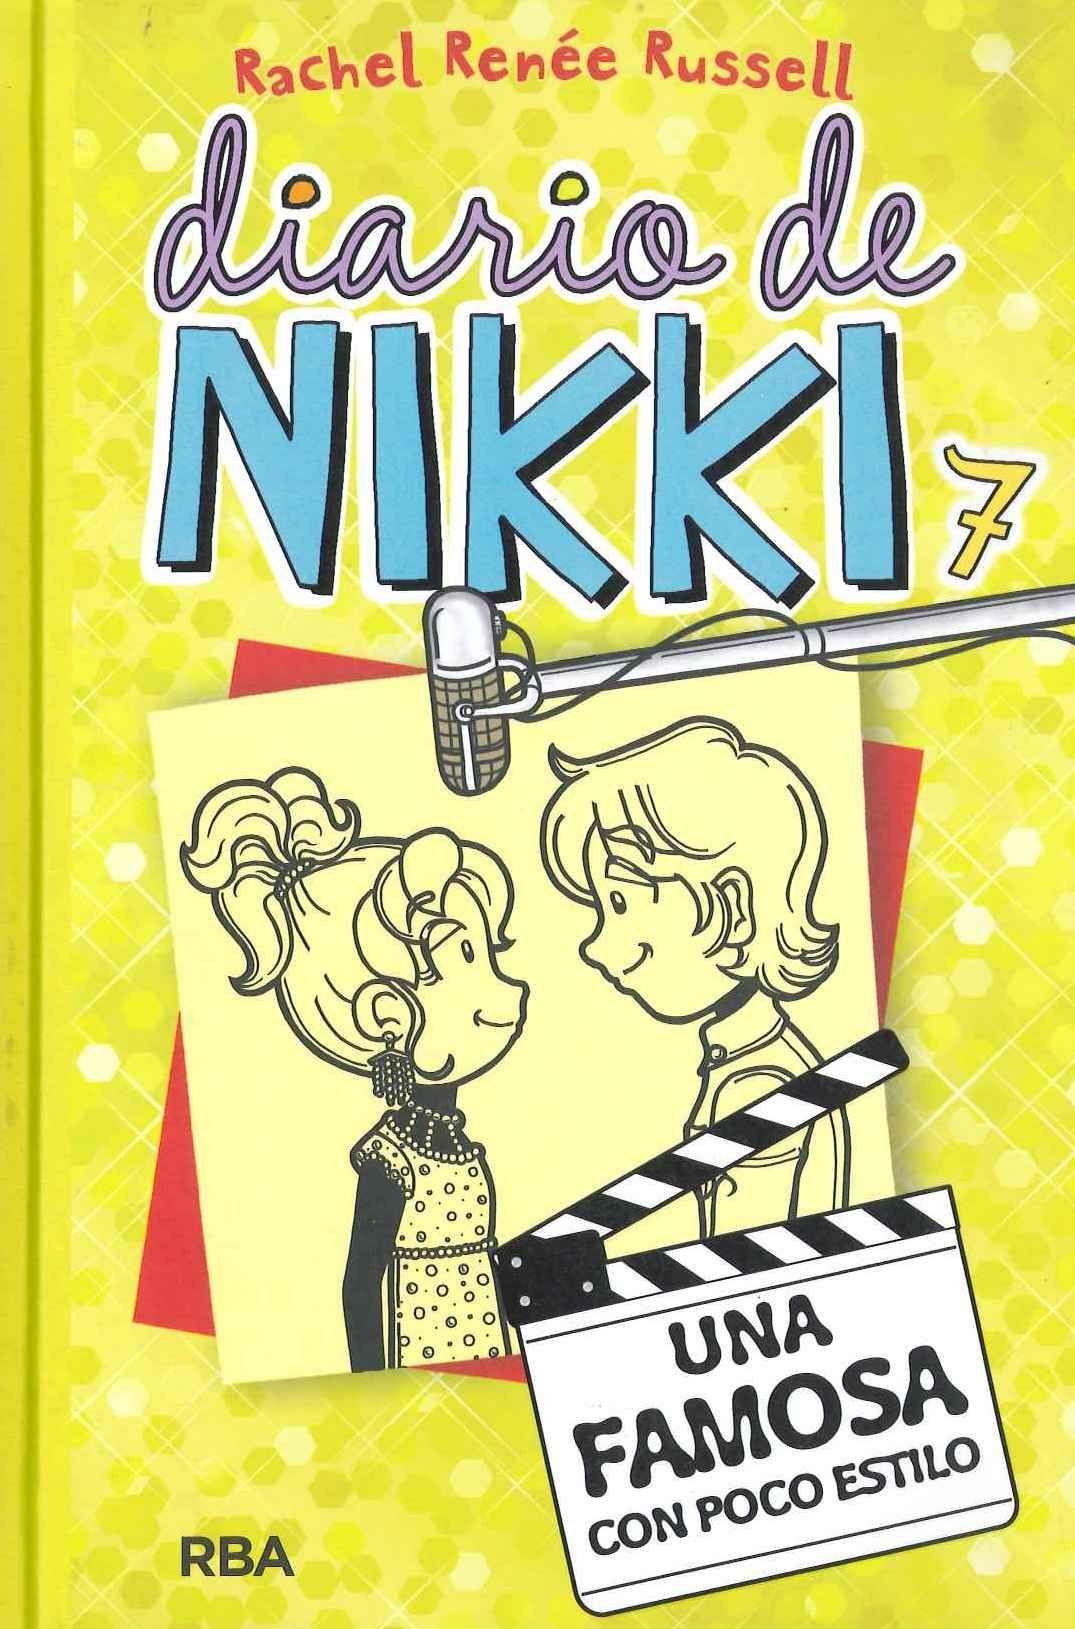 Nikki Seven